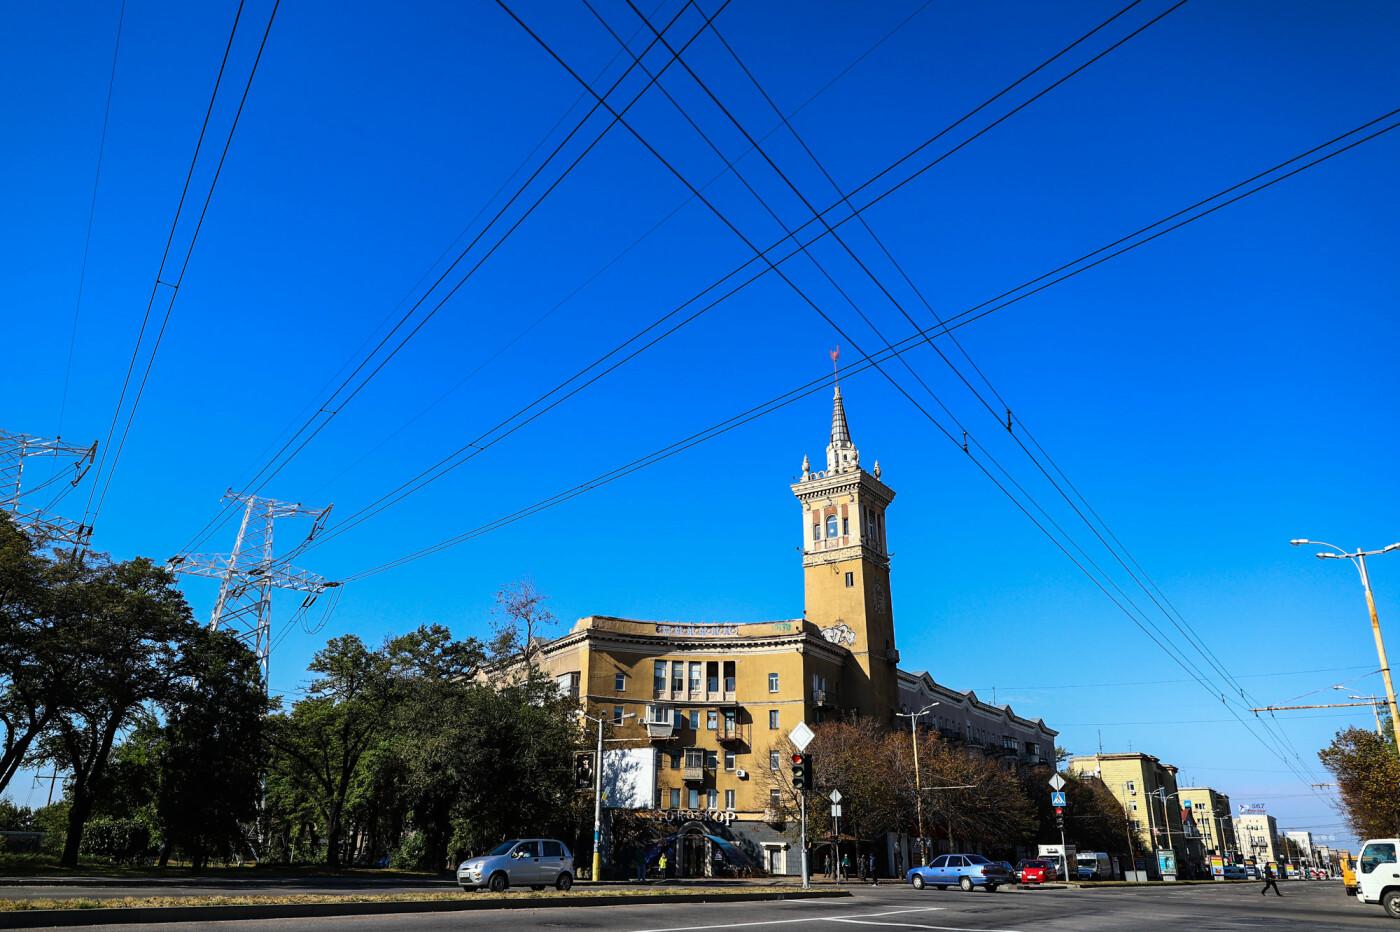 Маршруты выходного дня: не скучаем на карантине, а изучаем Запорожскую область и открываем секреты родного города, фото-46